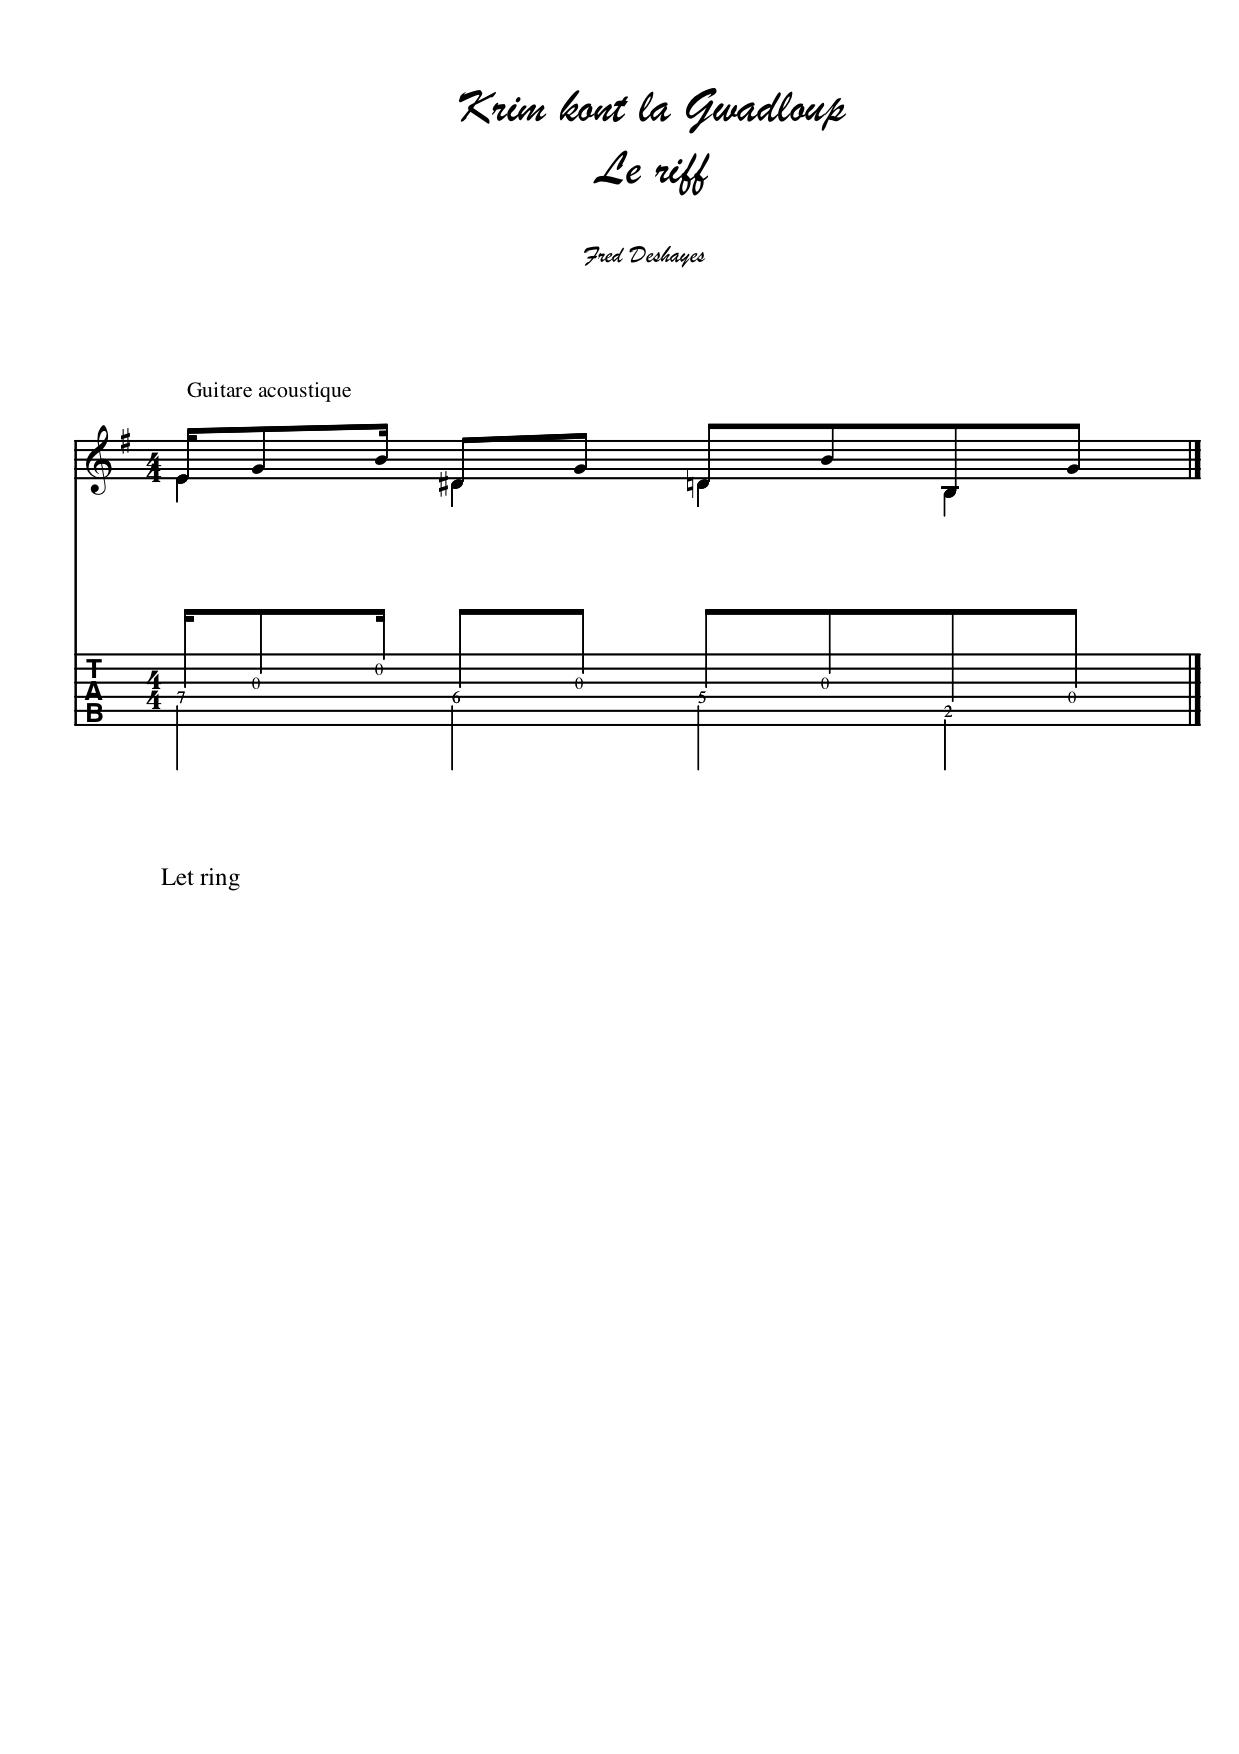 Krim tablature riff